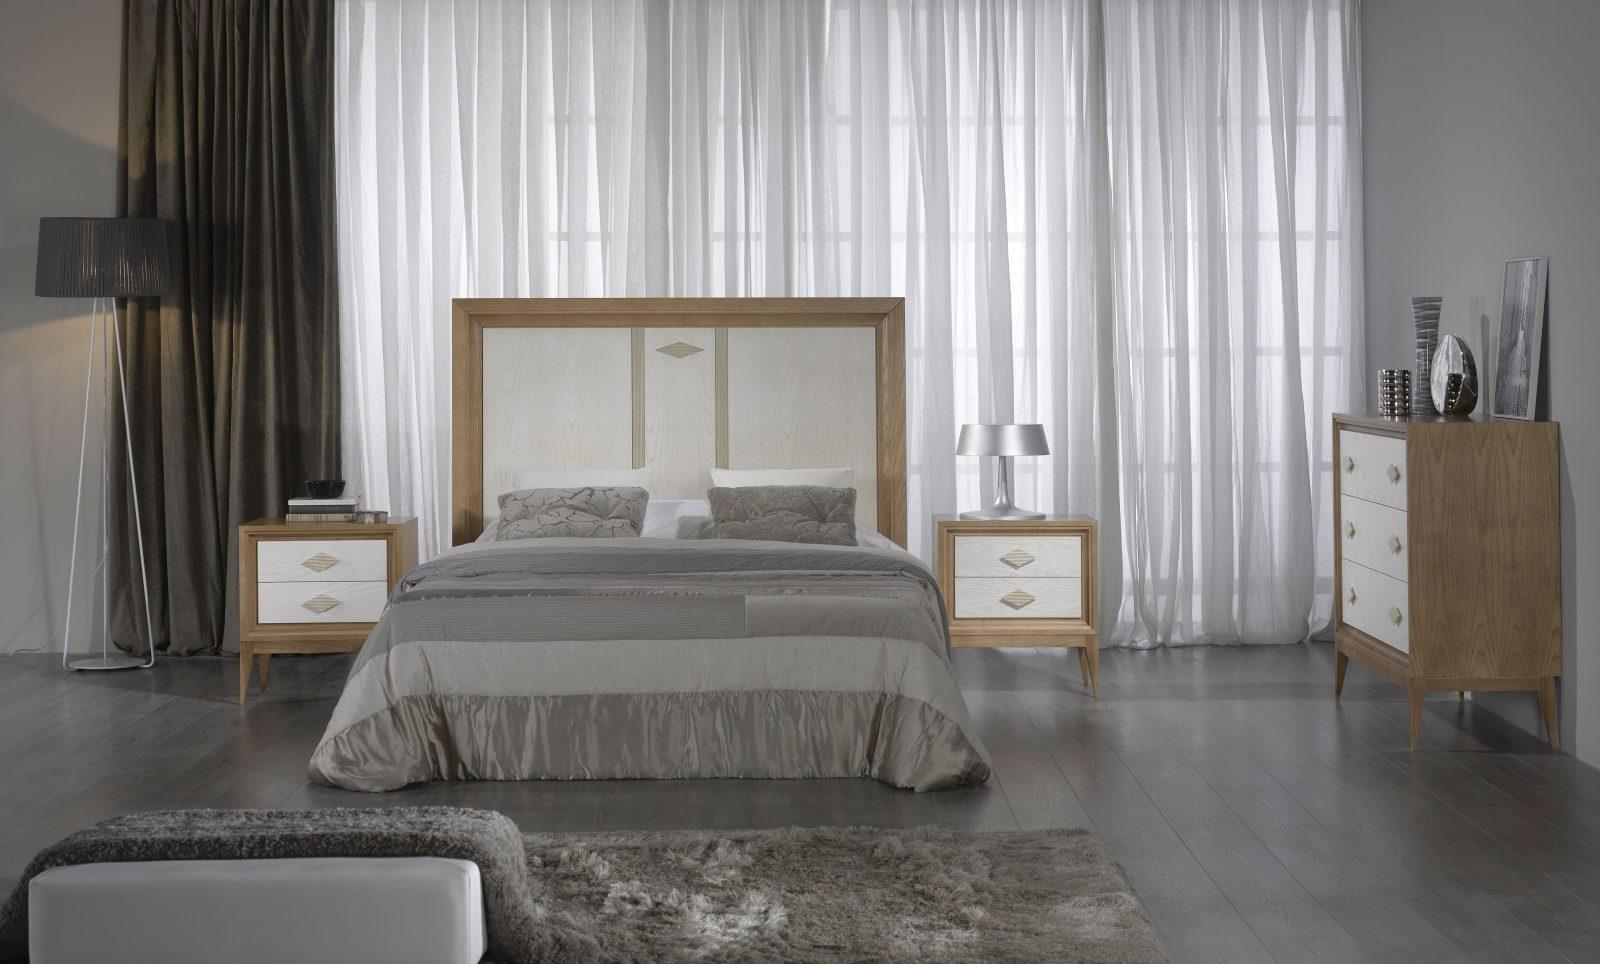 Dormitorios siena mobiliario hd for Mobiliario dormitorio